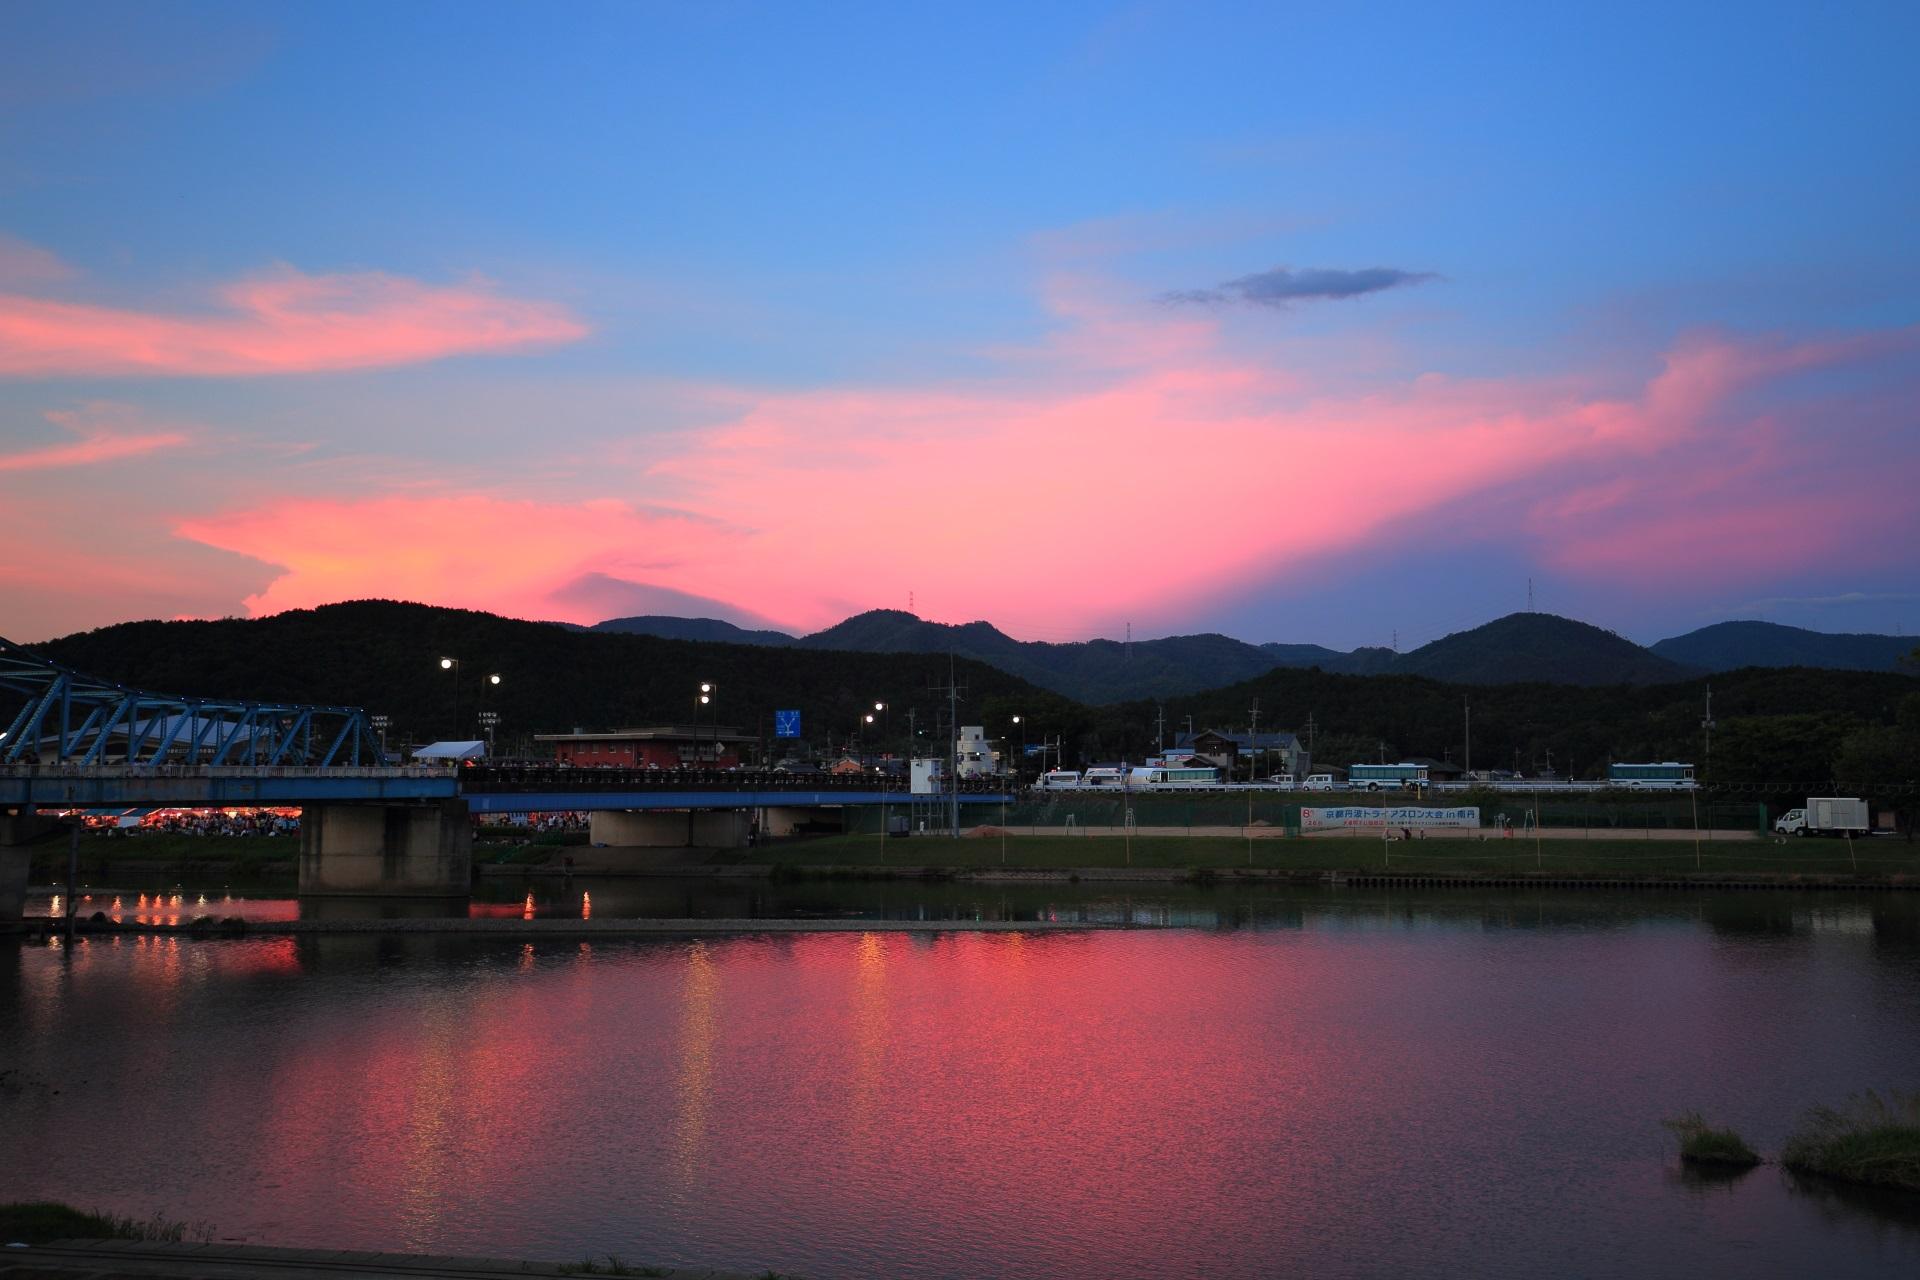 花火前の大堰川の夕焼けと佇む大堰橋